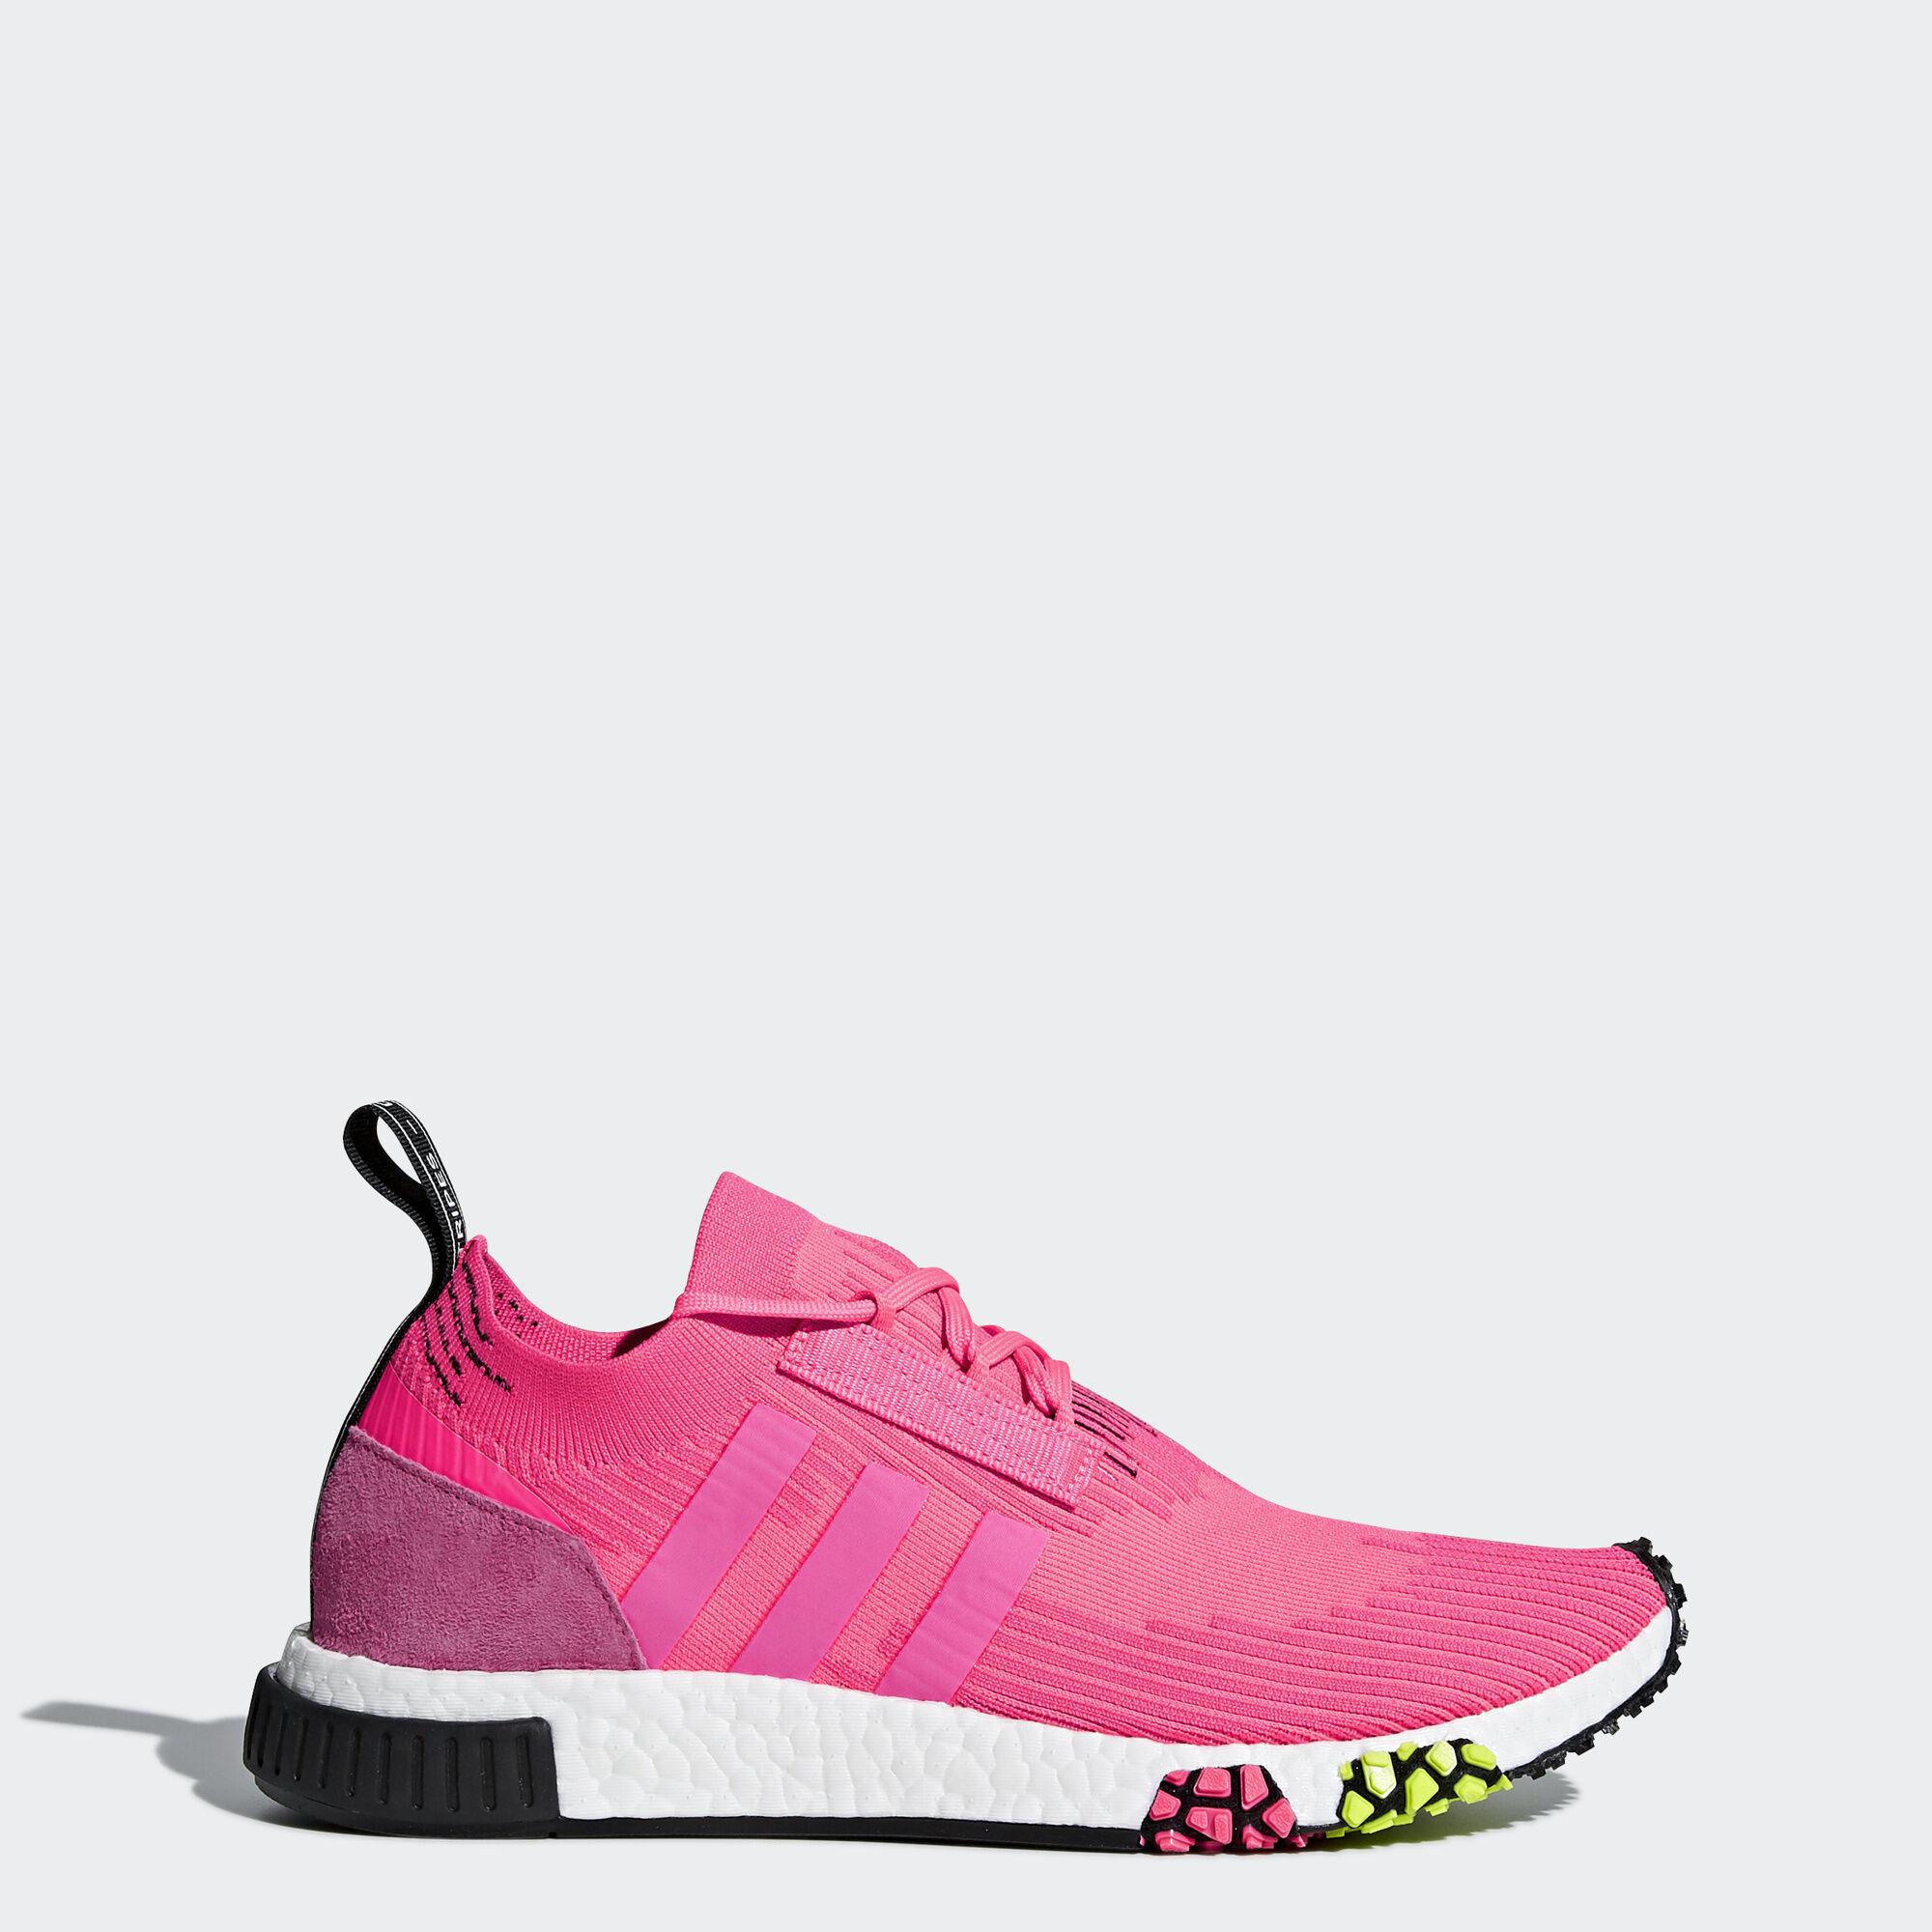 adidas superstar todo rosa